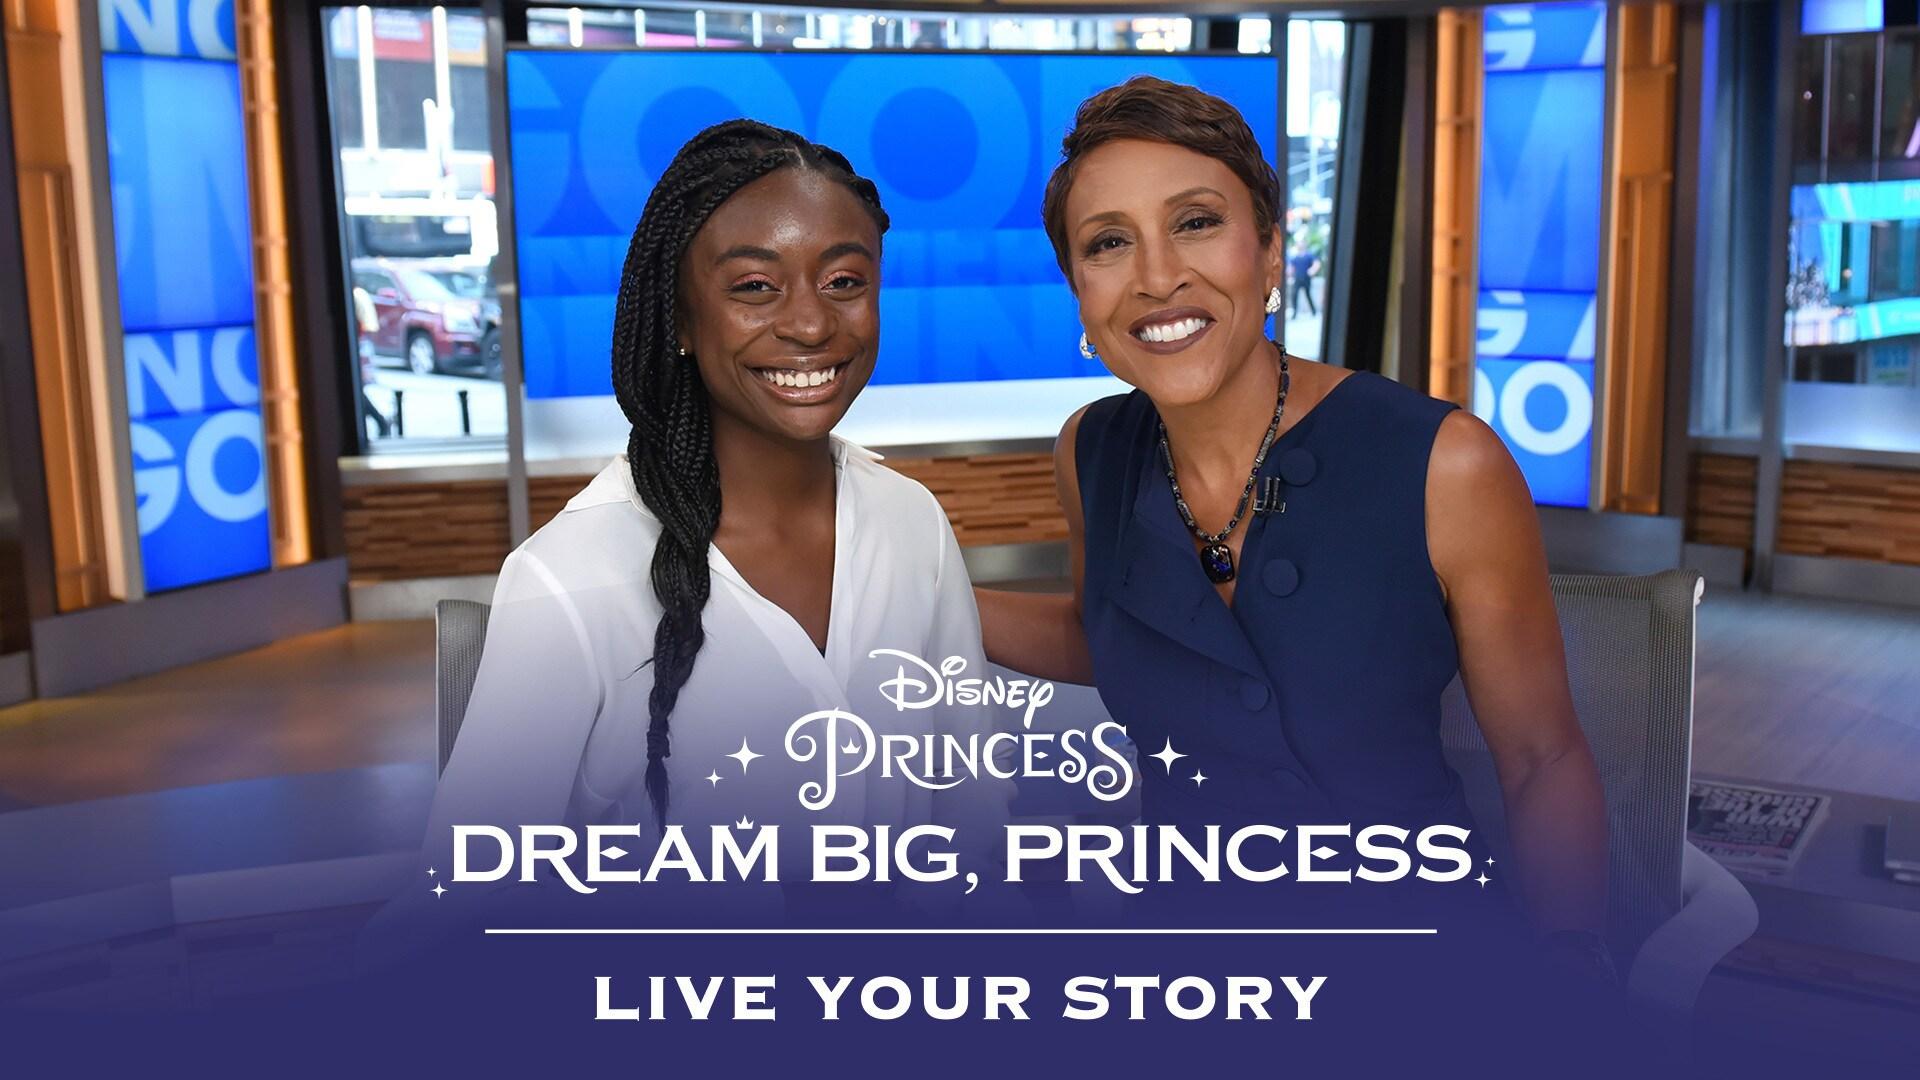 Dream Big, Princess - Marisa Meets Robin Roberts | Disney